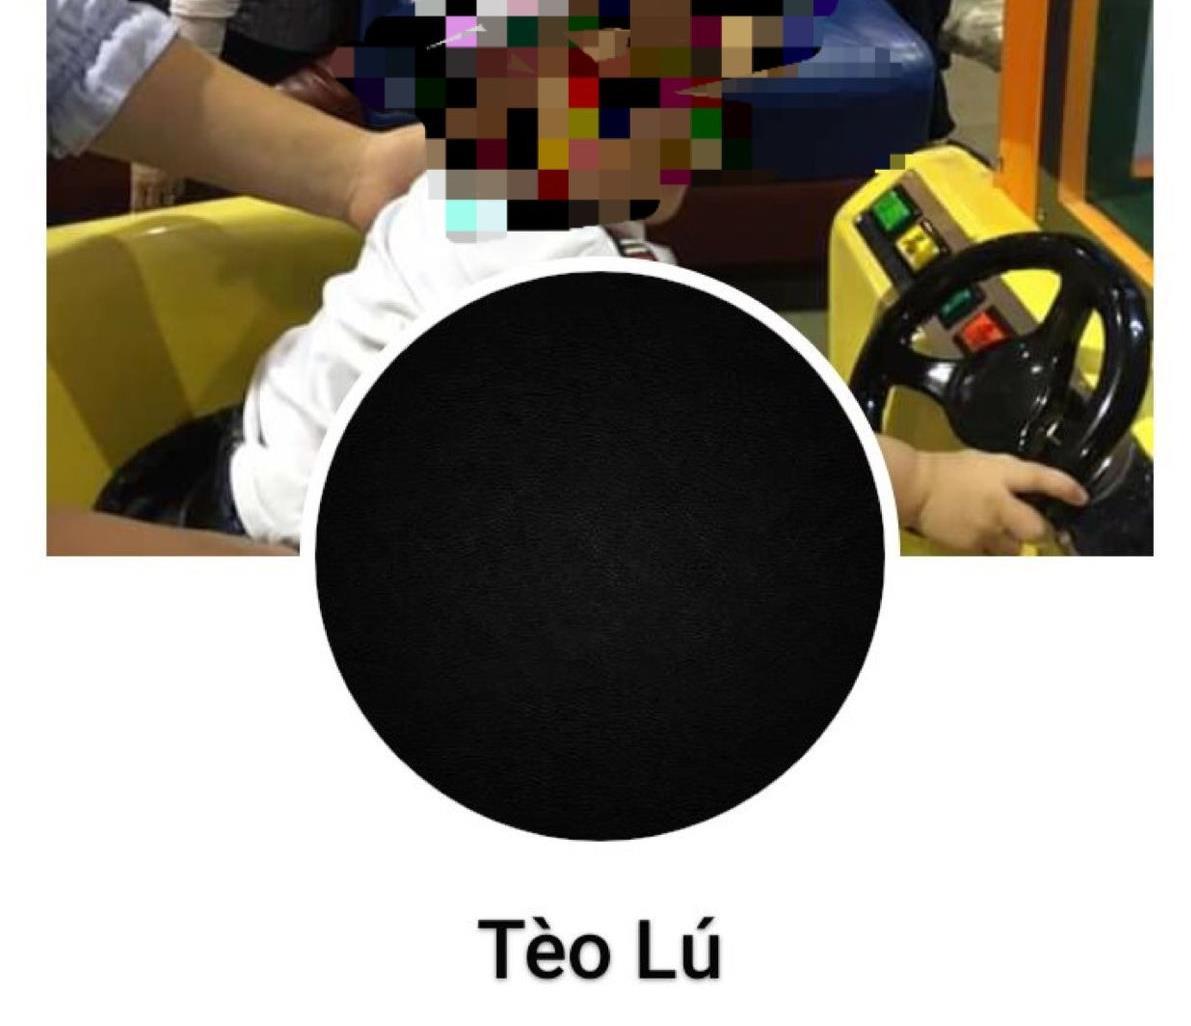 doi-tuong-nguyen-kim-thuan-su-dung-tai-khoan-facebook-ca-nhan-voi-nick-teo-lu-de-tham-gia-binh-luan-voi-nhung-noi-dung-sai-su-that-xuc-pham-den-uy-tin-danh-du-cua-luc-luong-can(1).jpg